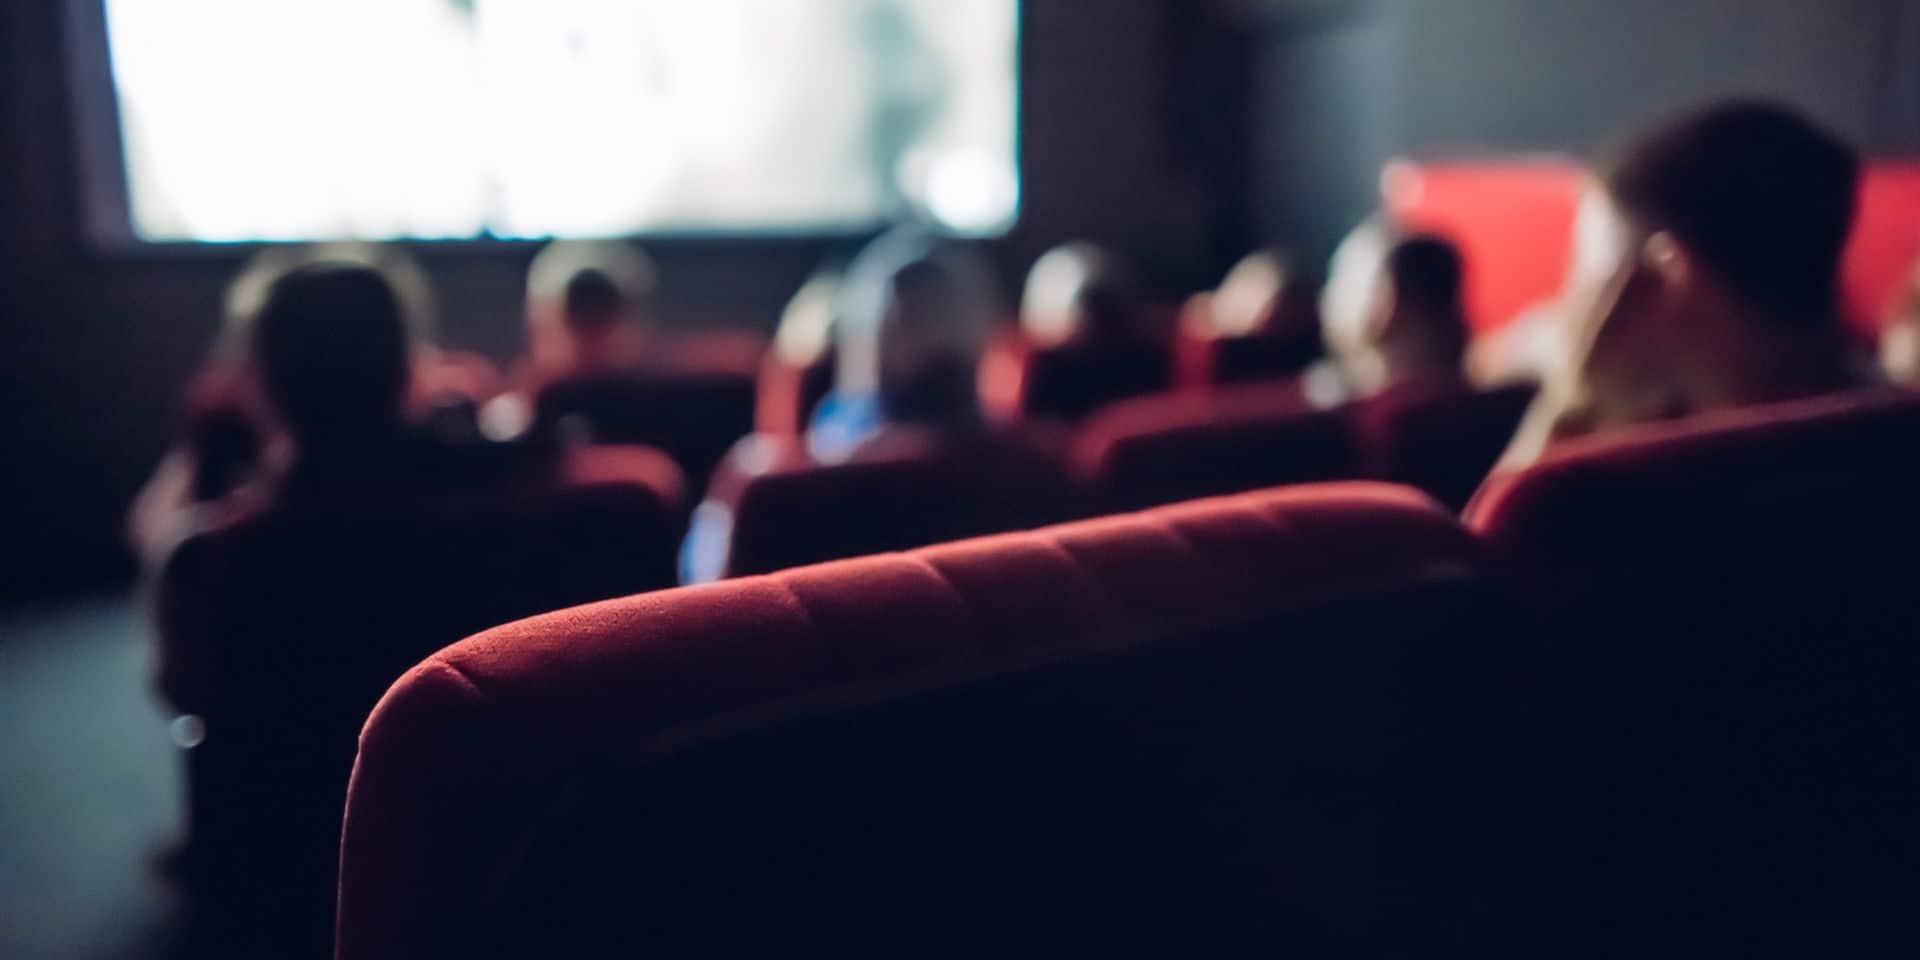 Théatres, cinémas...: 120 lieux culturels bravent l'interdiction et rouvrent leurs portes ce vendredi